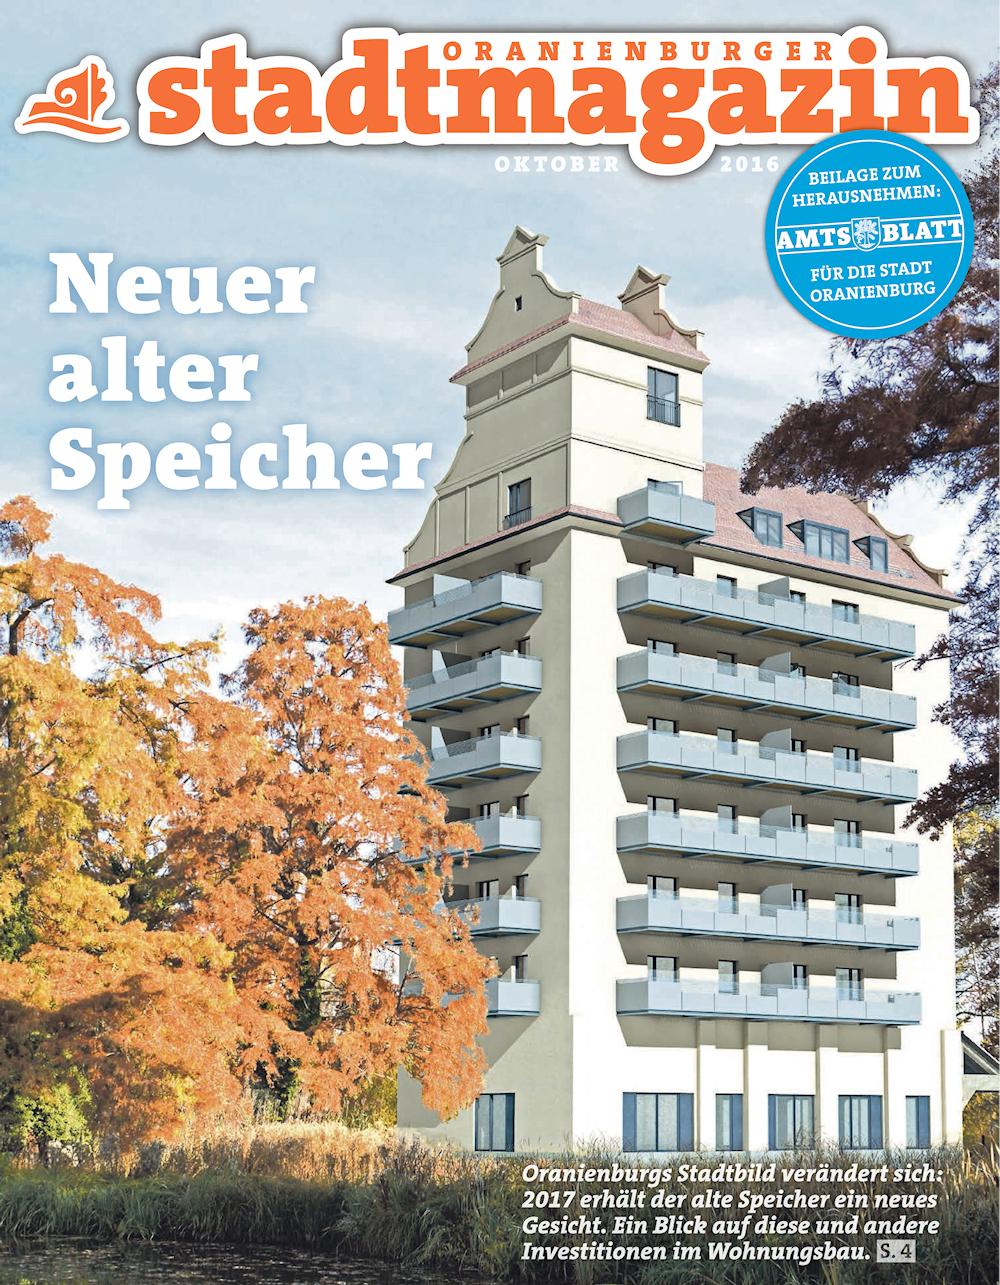 Mit professionell gestalteten Bildern wie diesem, welches im Oktober 2016 im Oranienburger Stadtmagazin erschien, warb der Investor für sein Projekt.